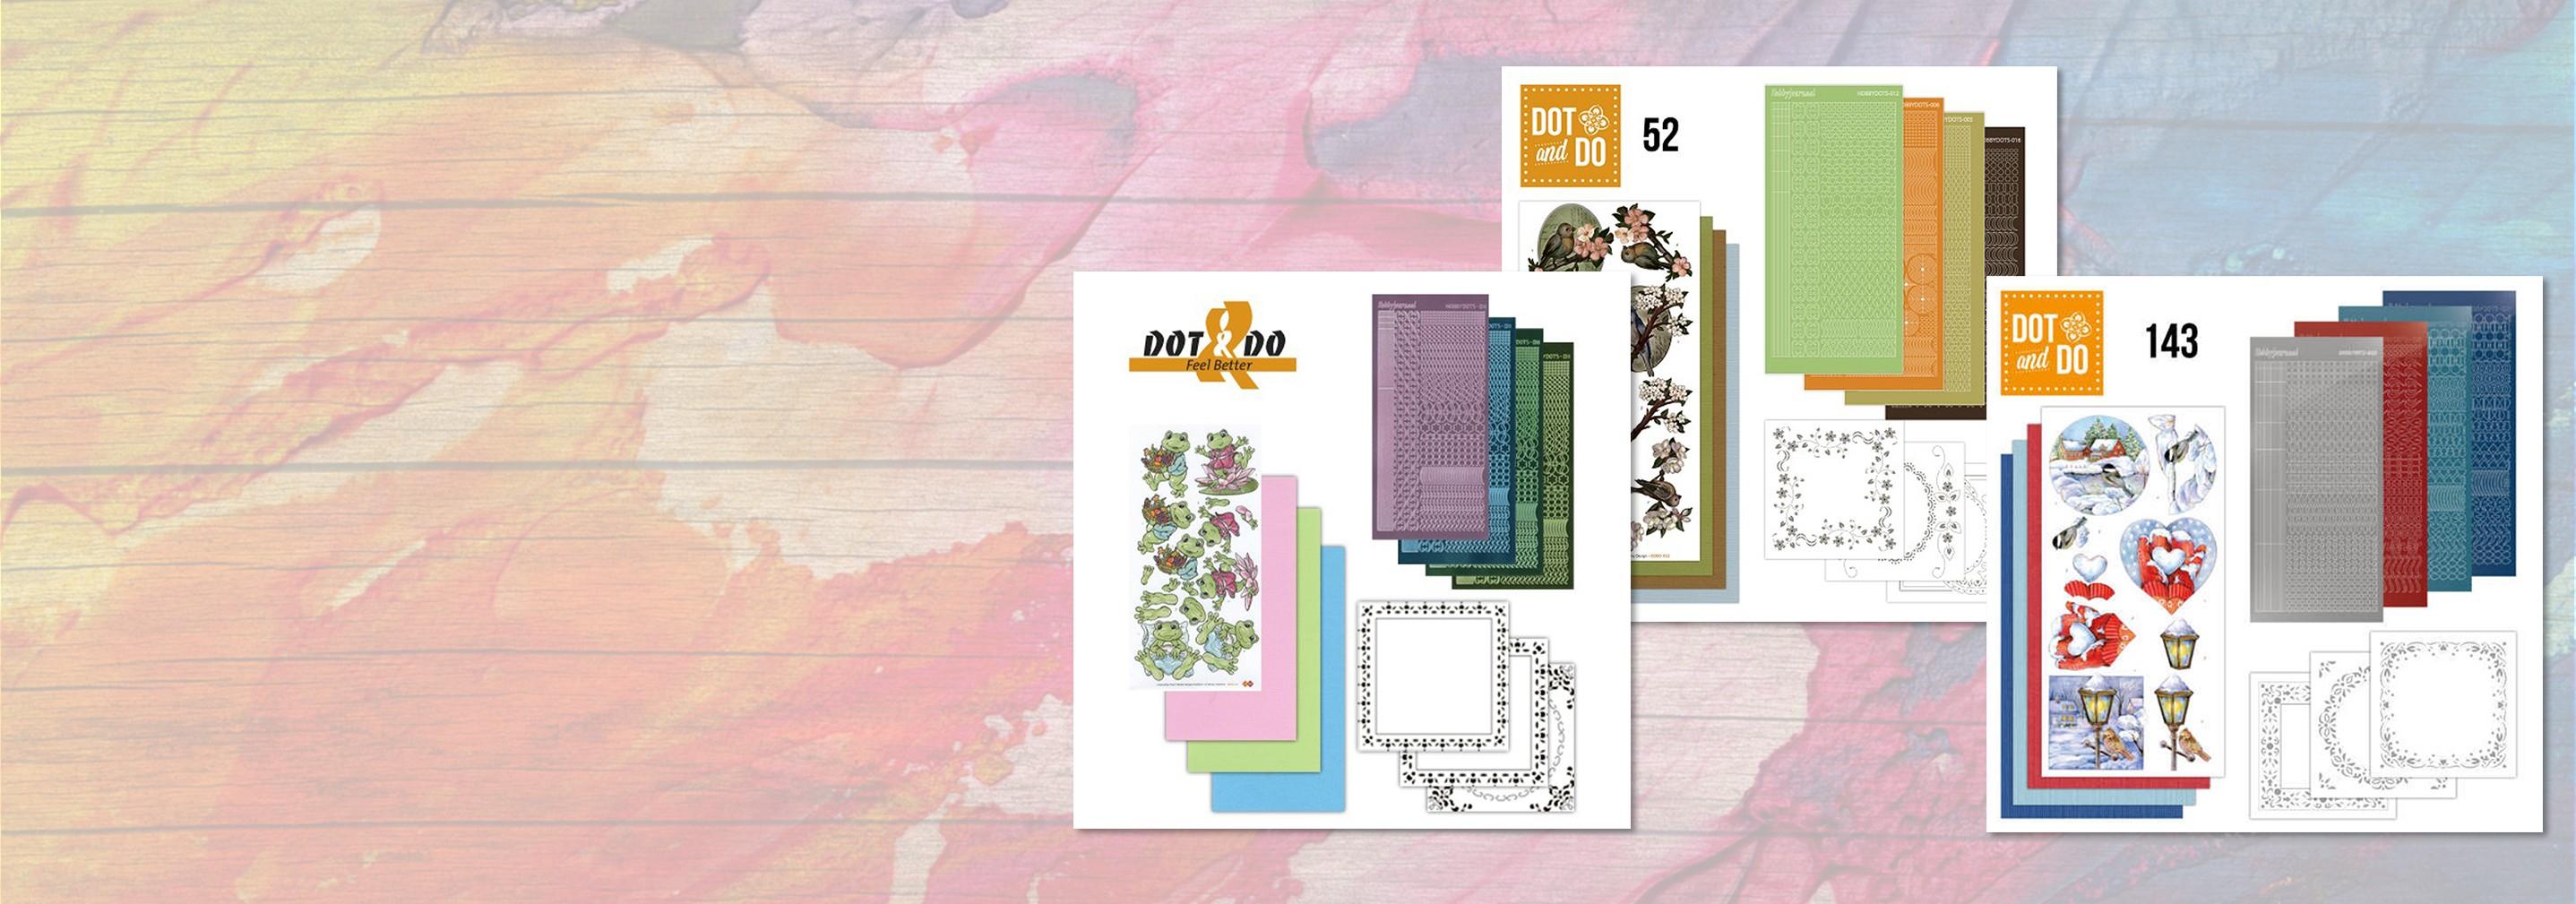 De mooiste 3d-kaarten maak je zelf!